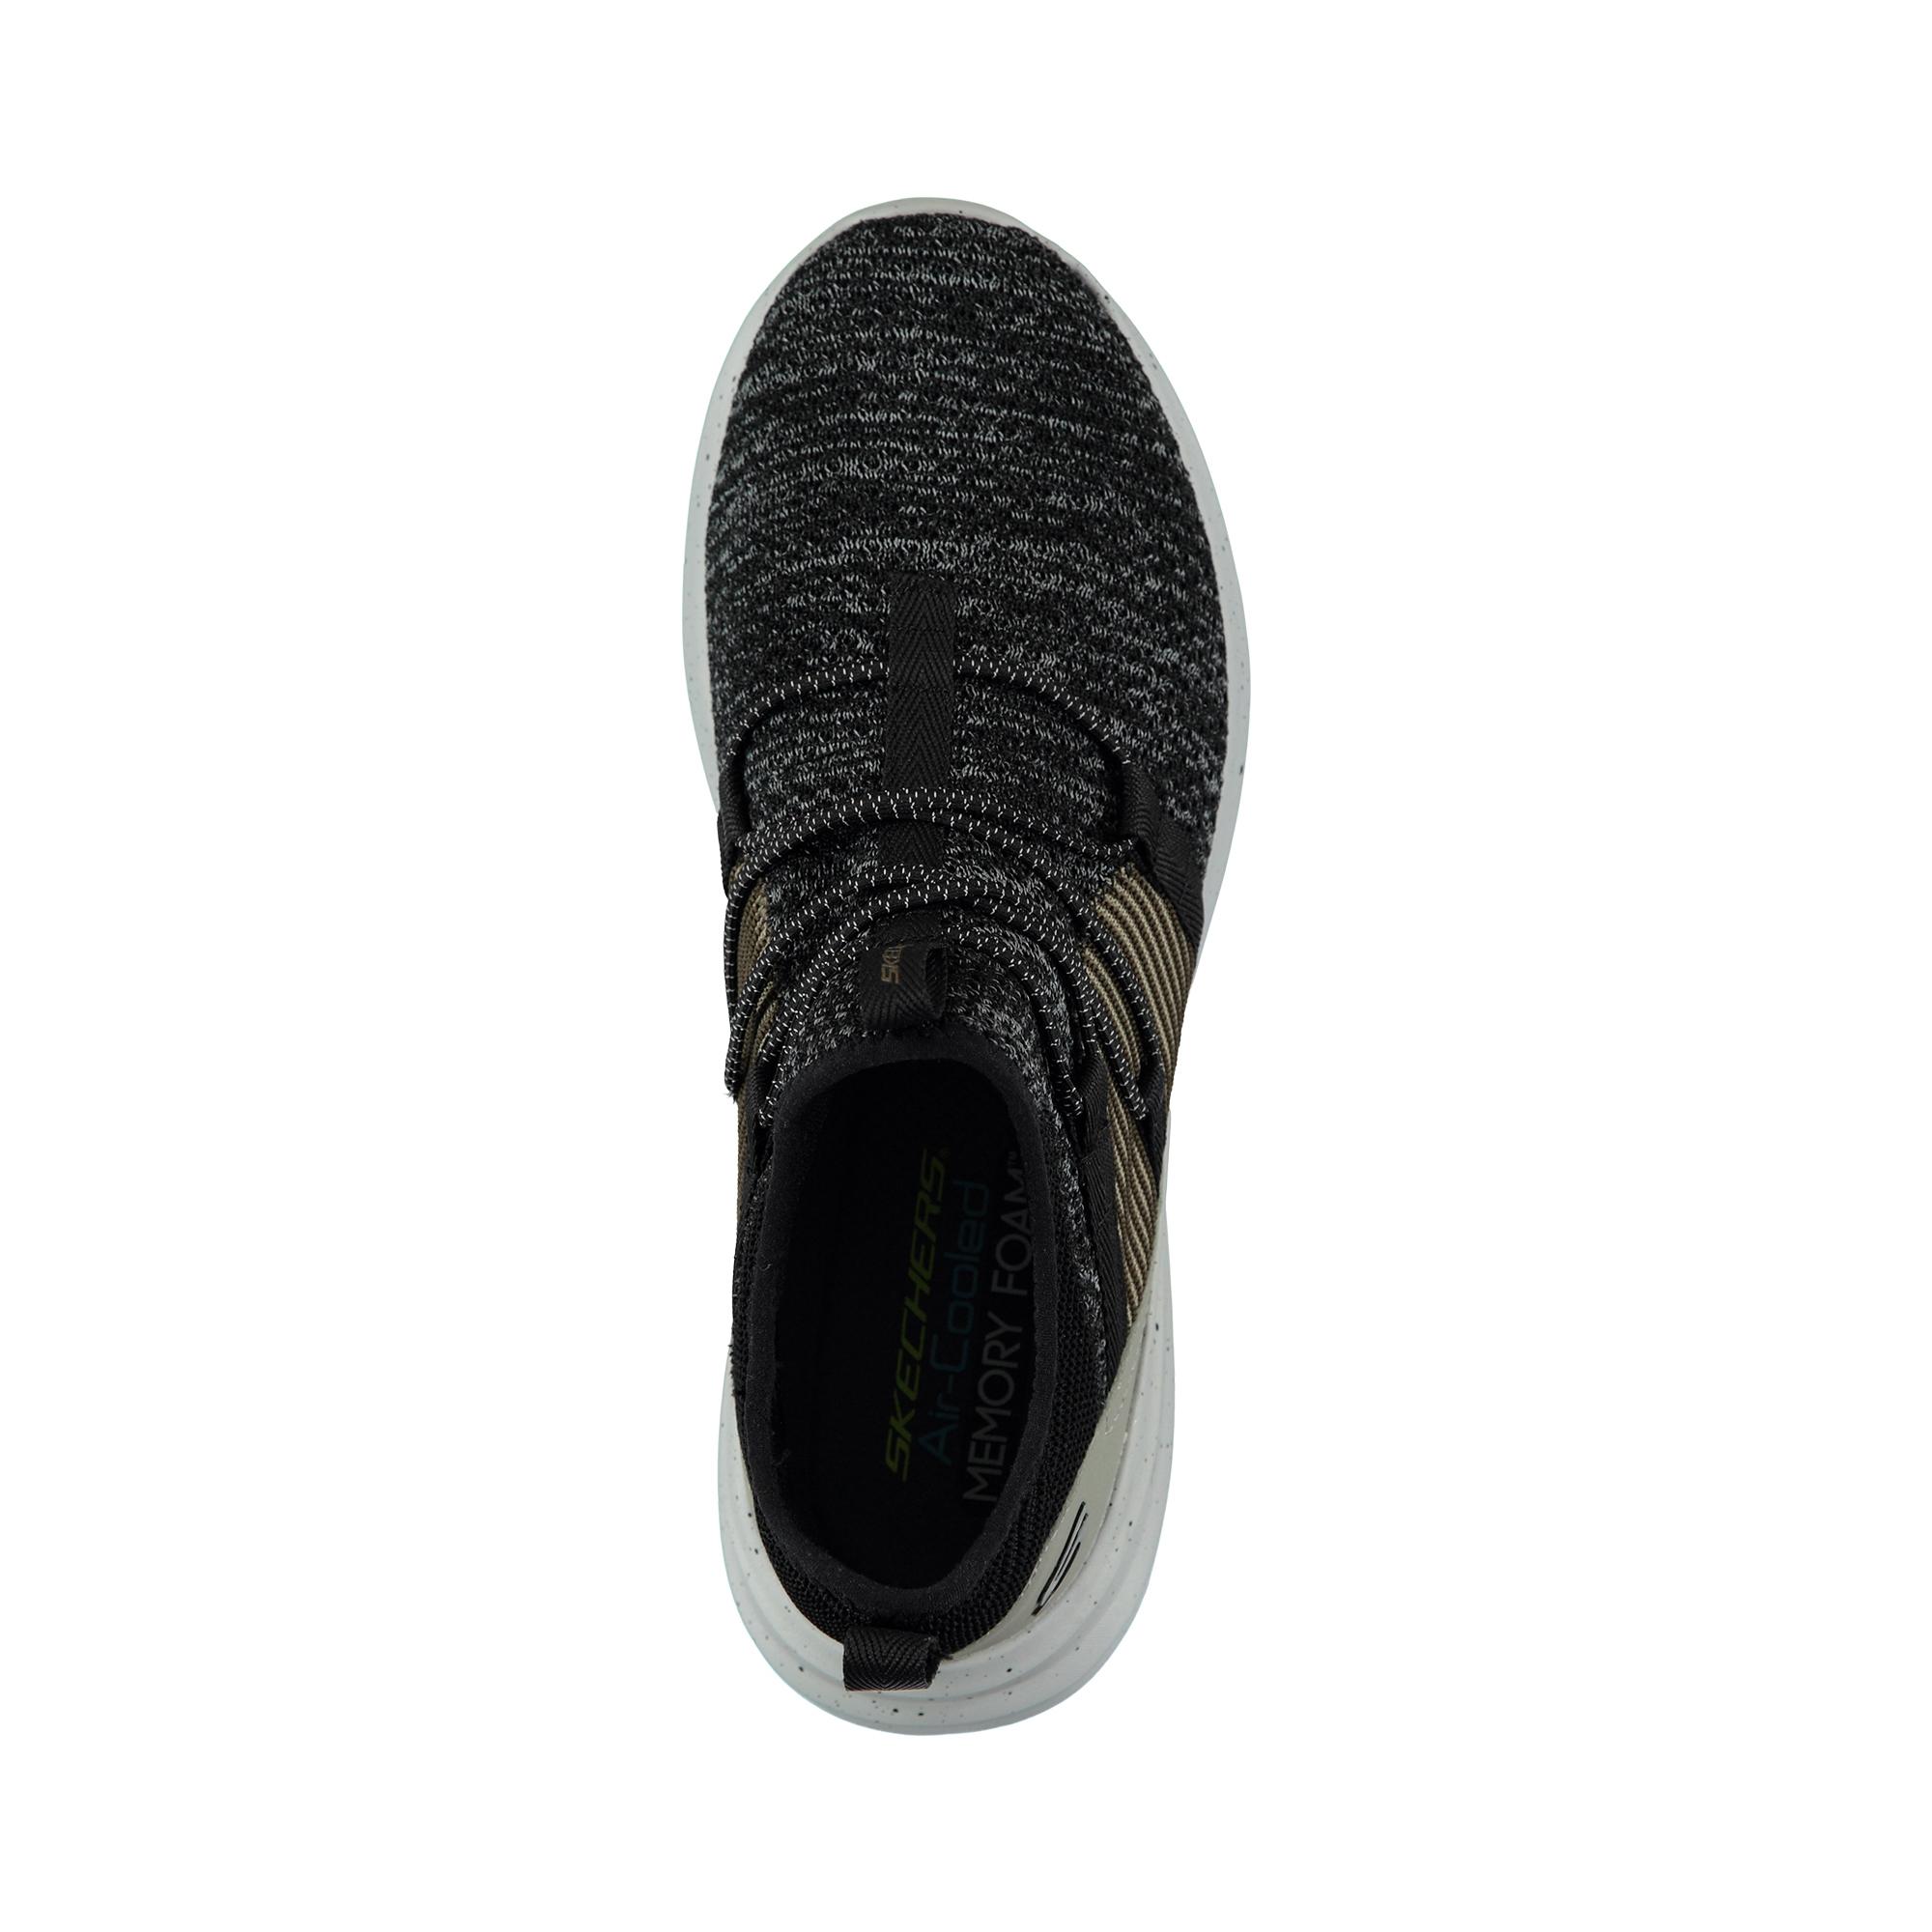 Skechers Skechex - Corace Erkek Siyah Spor Ayakkabı